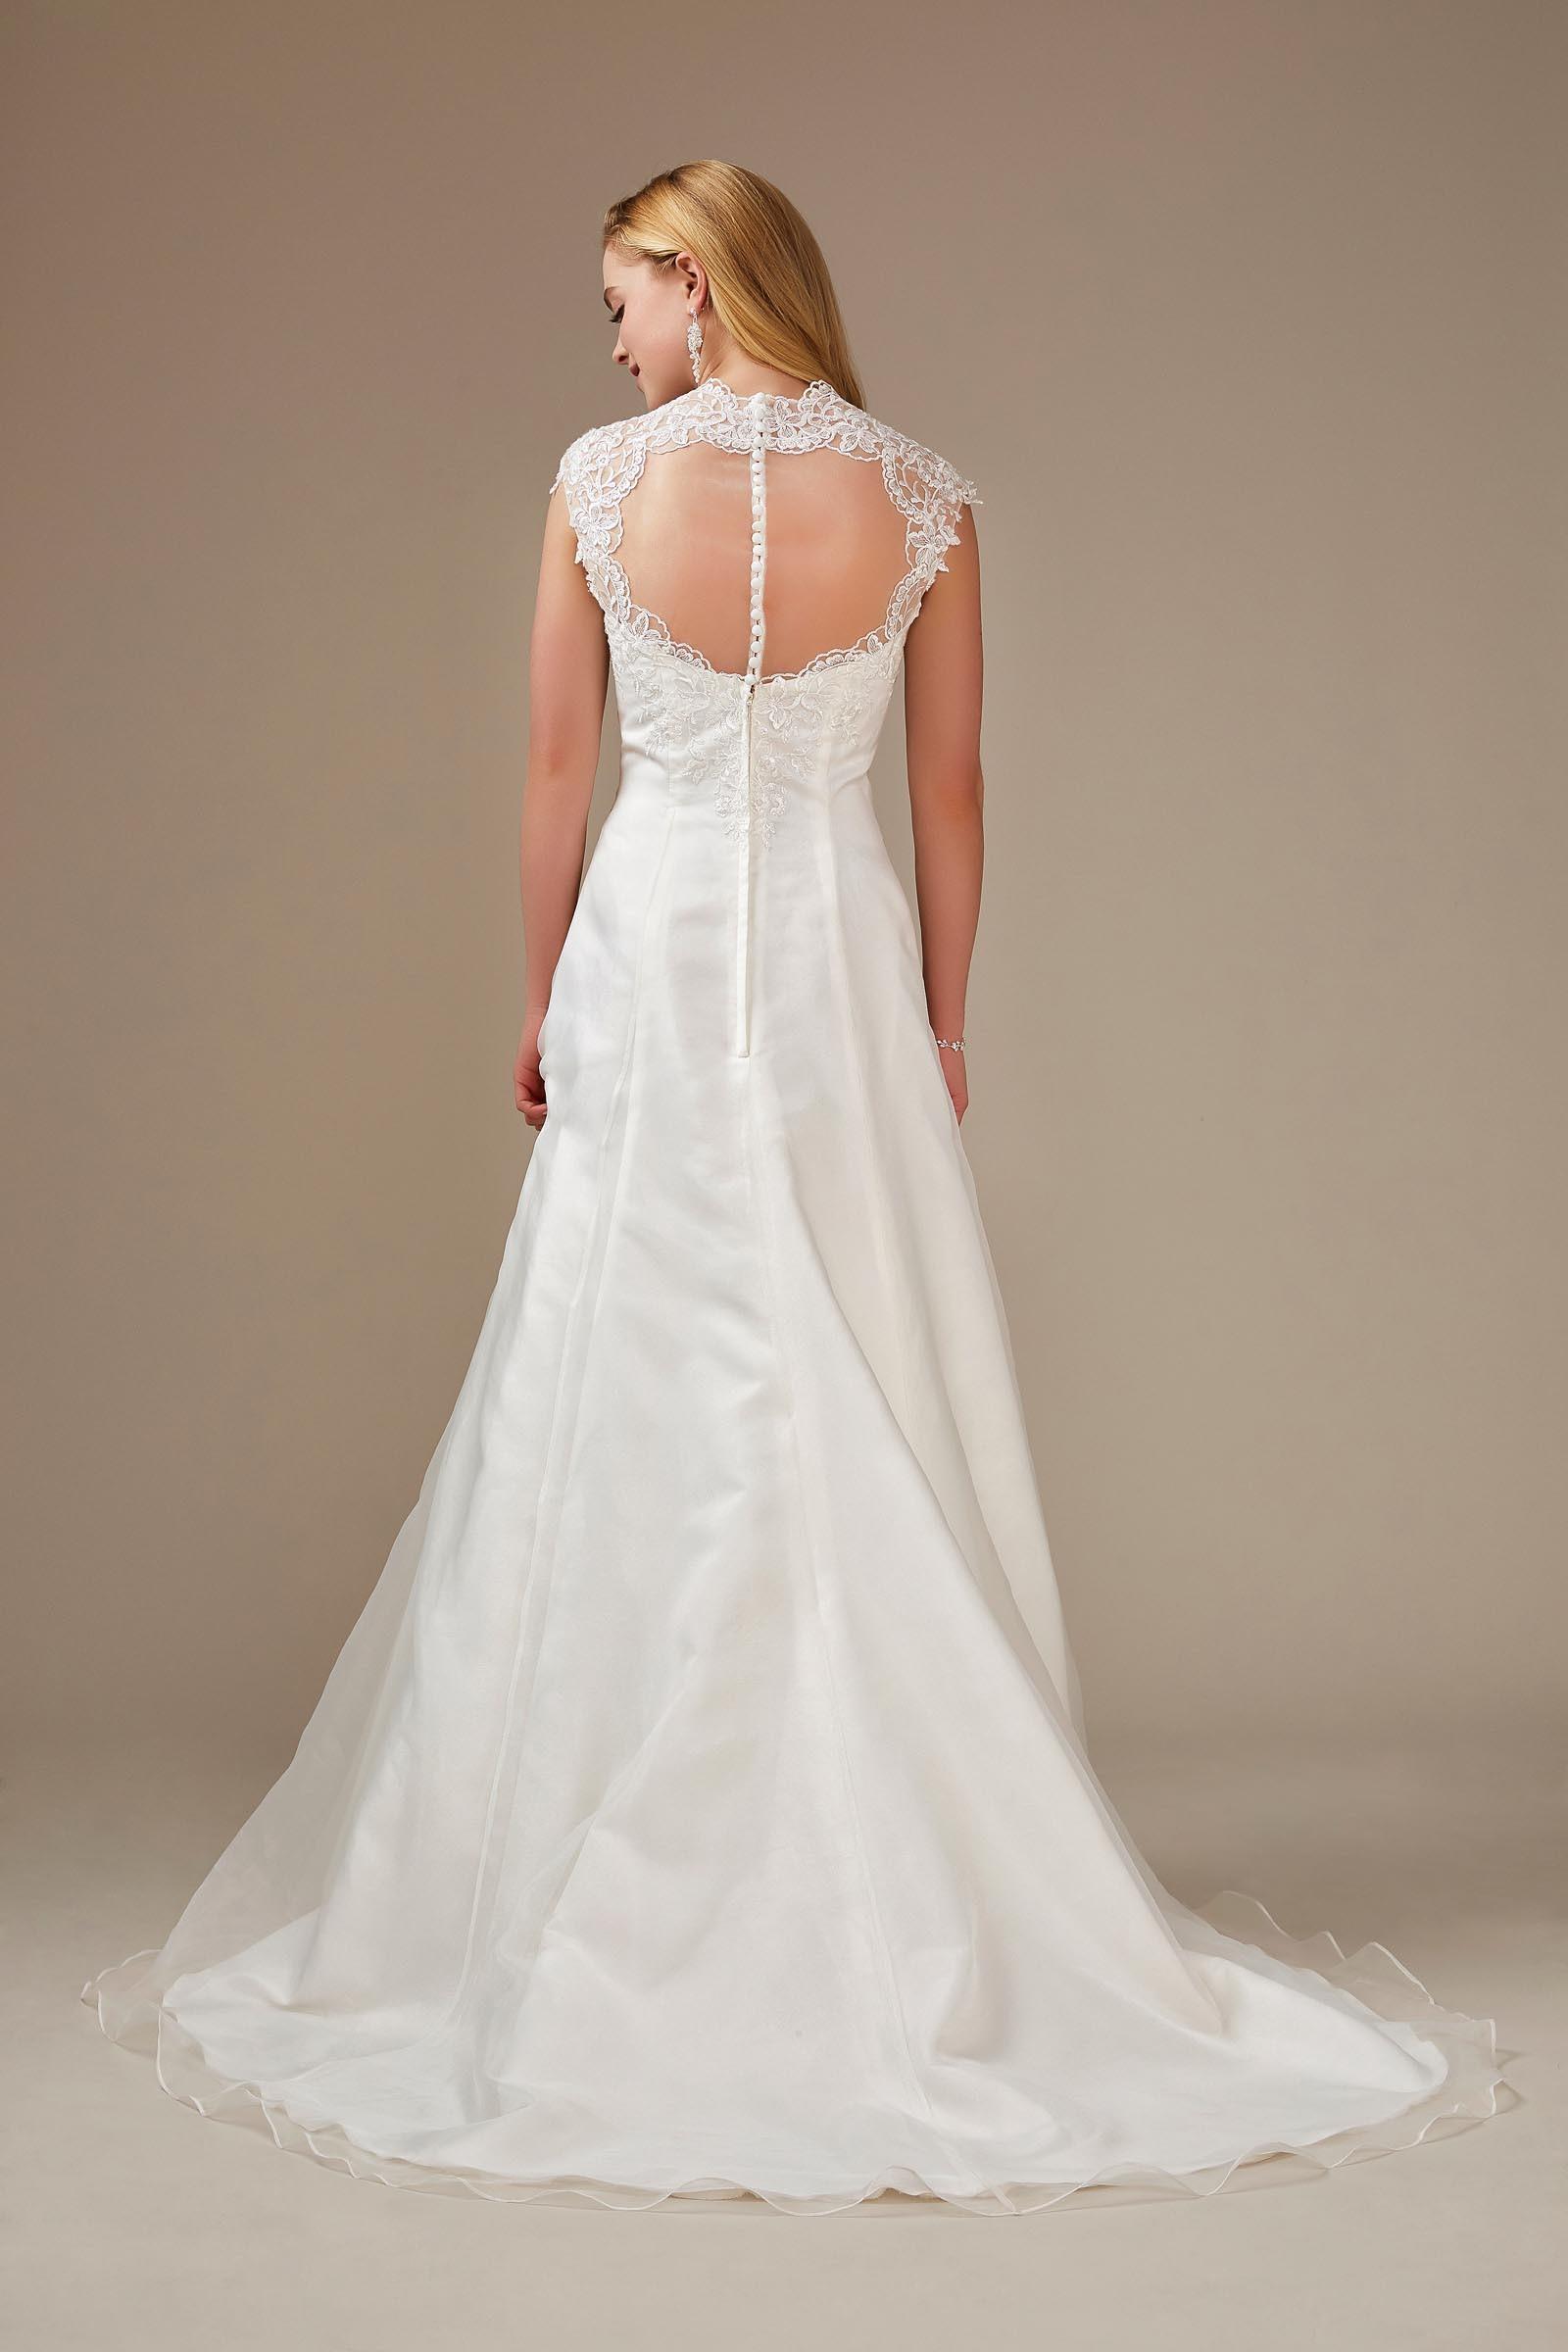 Brautkleid mit Herzausschnitt und Spitzenträger von Weise, Modell 336212